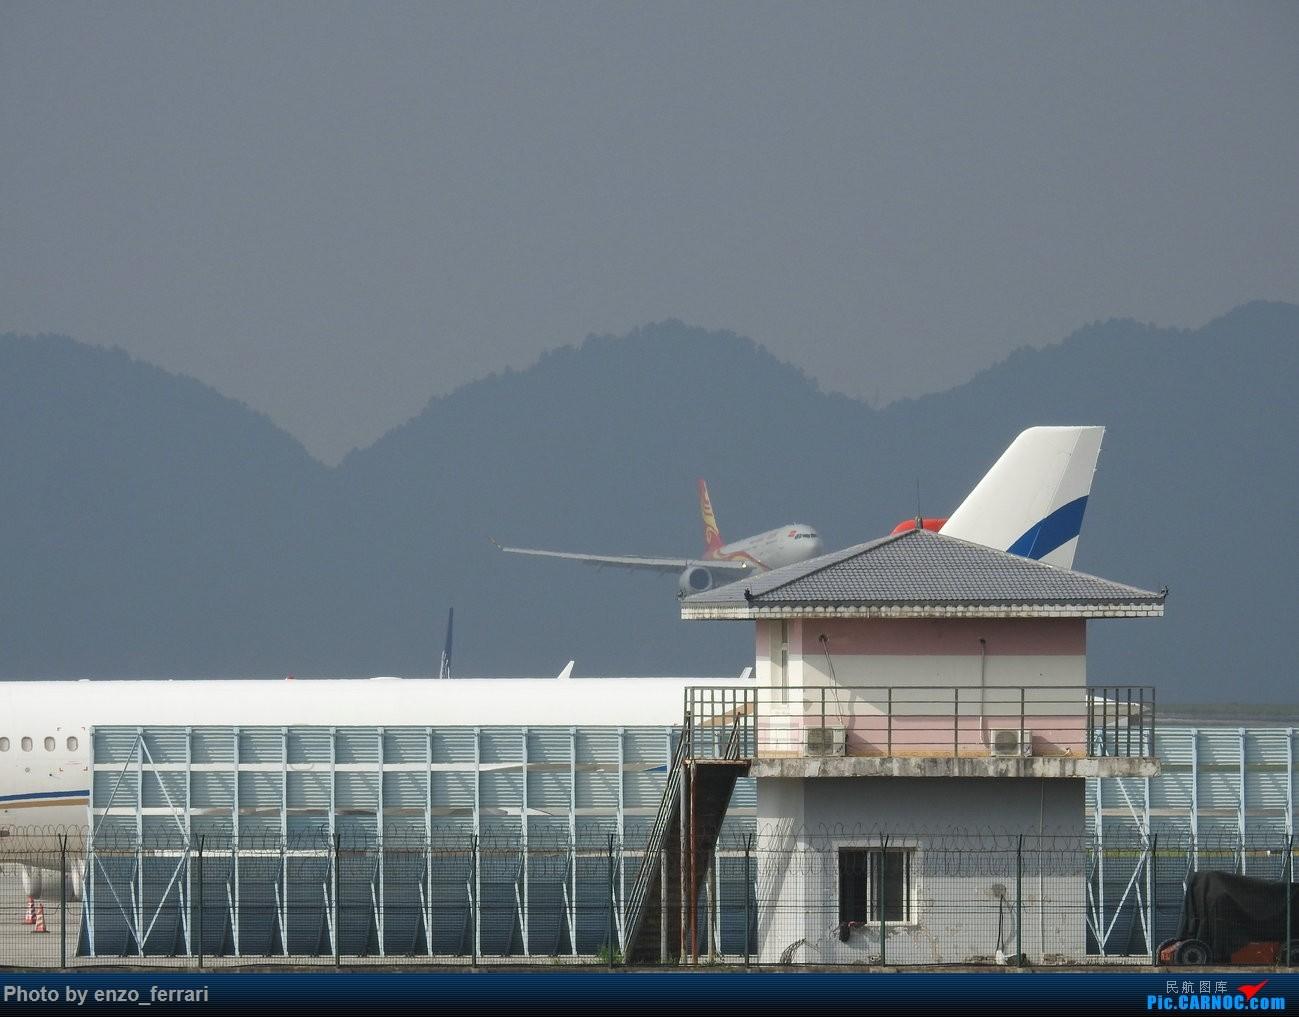 [原创]【KWE】良心海航,基本上每天都有一到两架宽体机飞贵阳。 AIRBUS A330-200 B-5979 中国贵阳龙洞堡国际机场